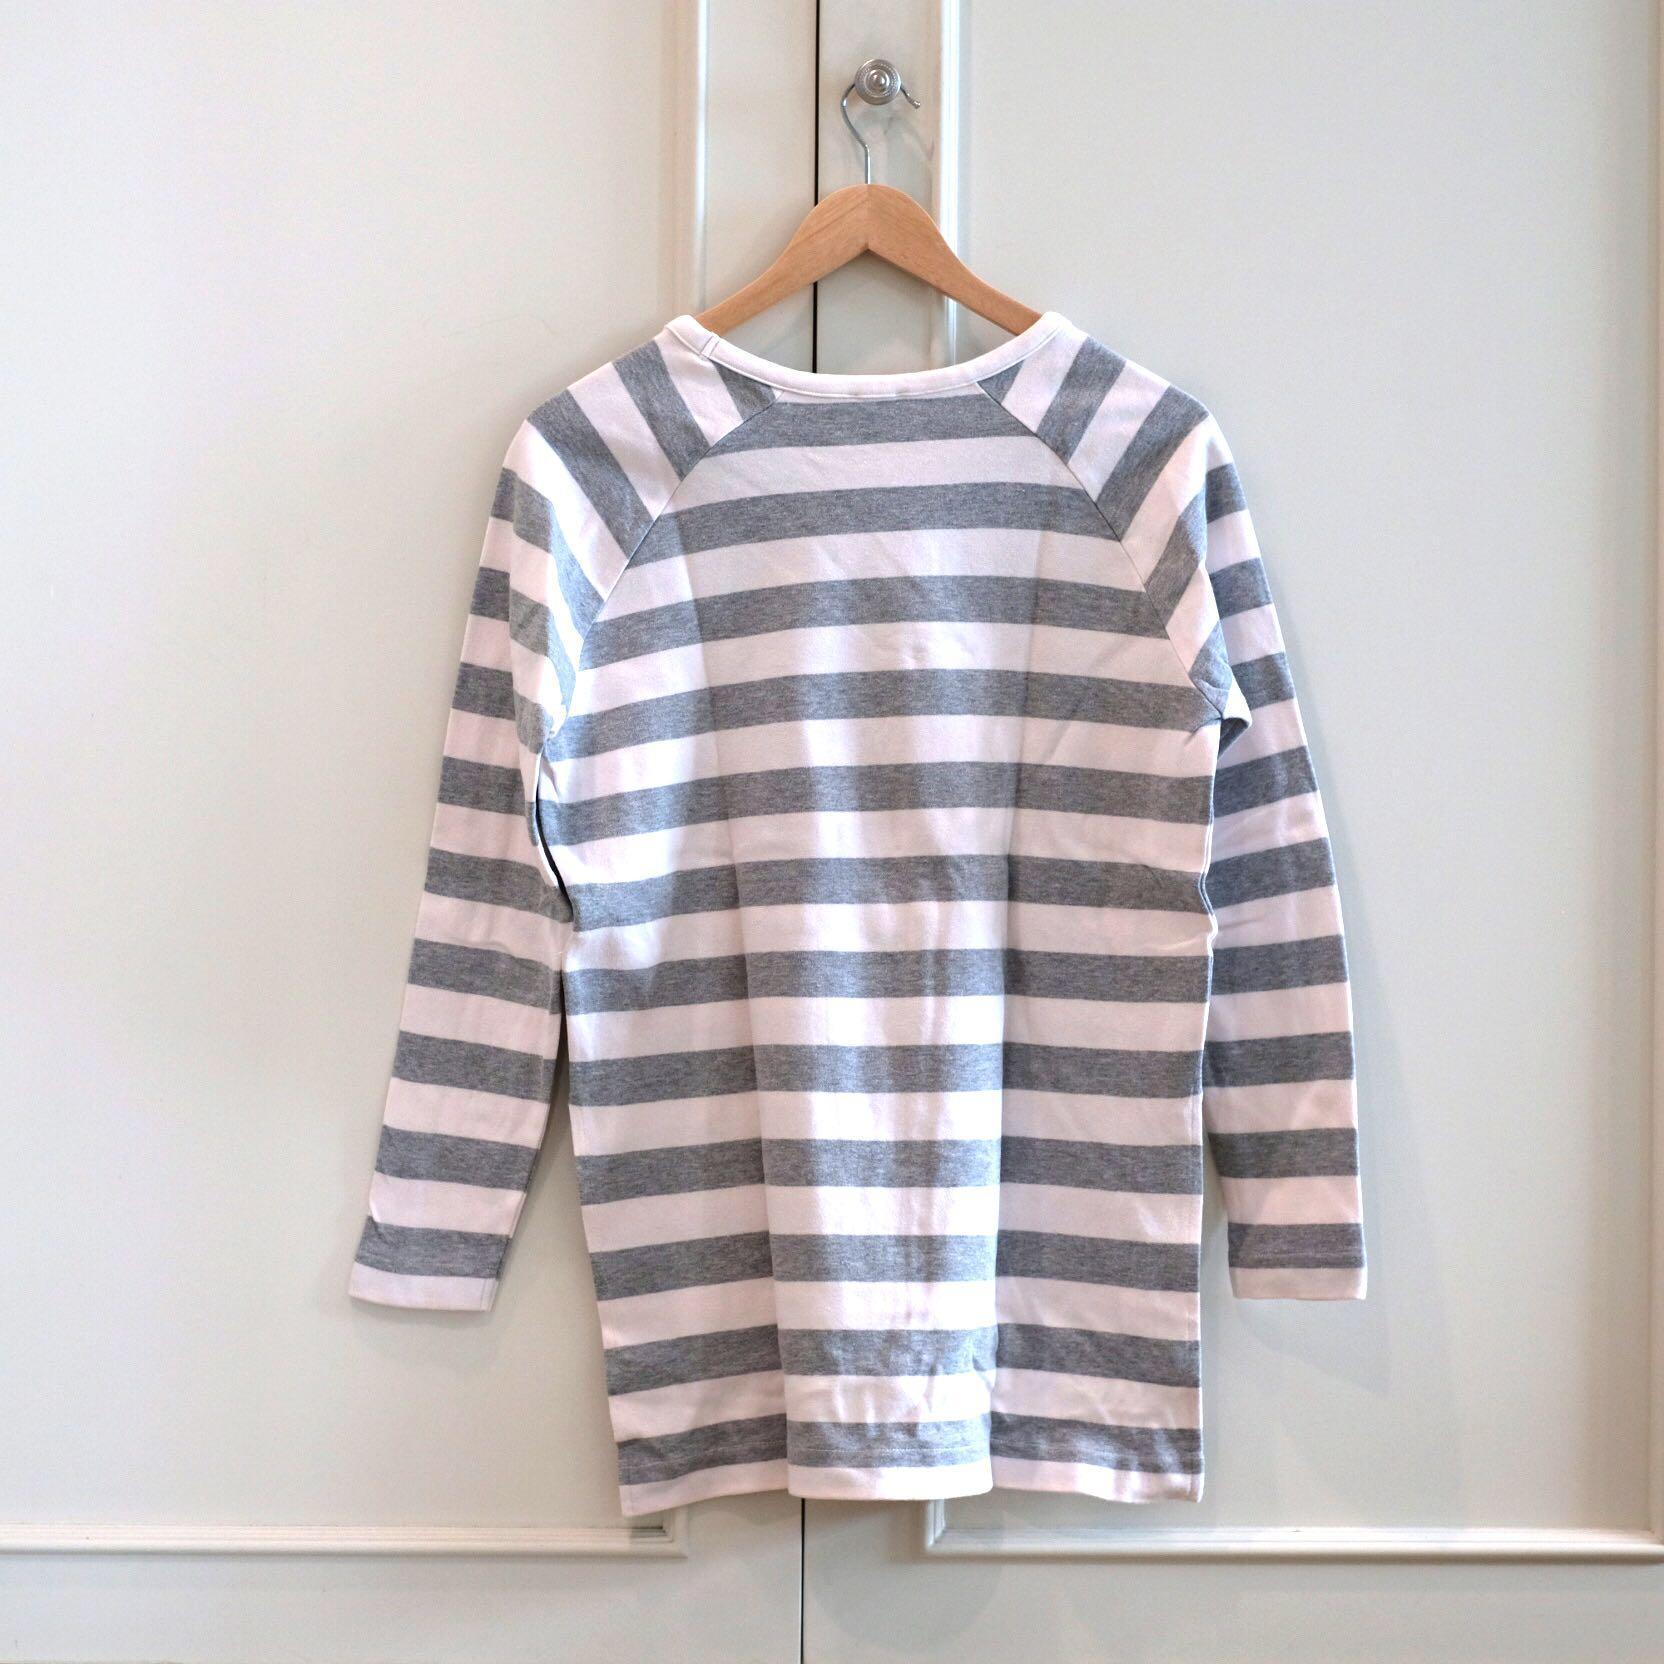 Zara Stripes sweater